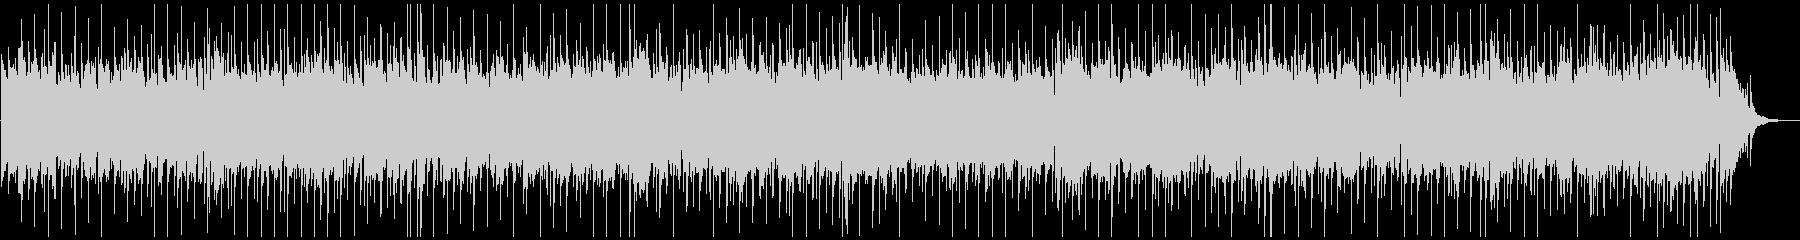 陽気なサザンロック風バンジョーBGMの未再生の波形